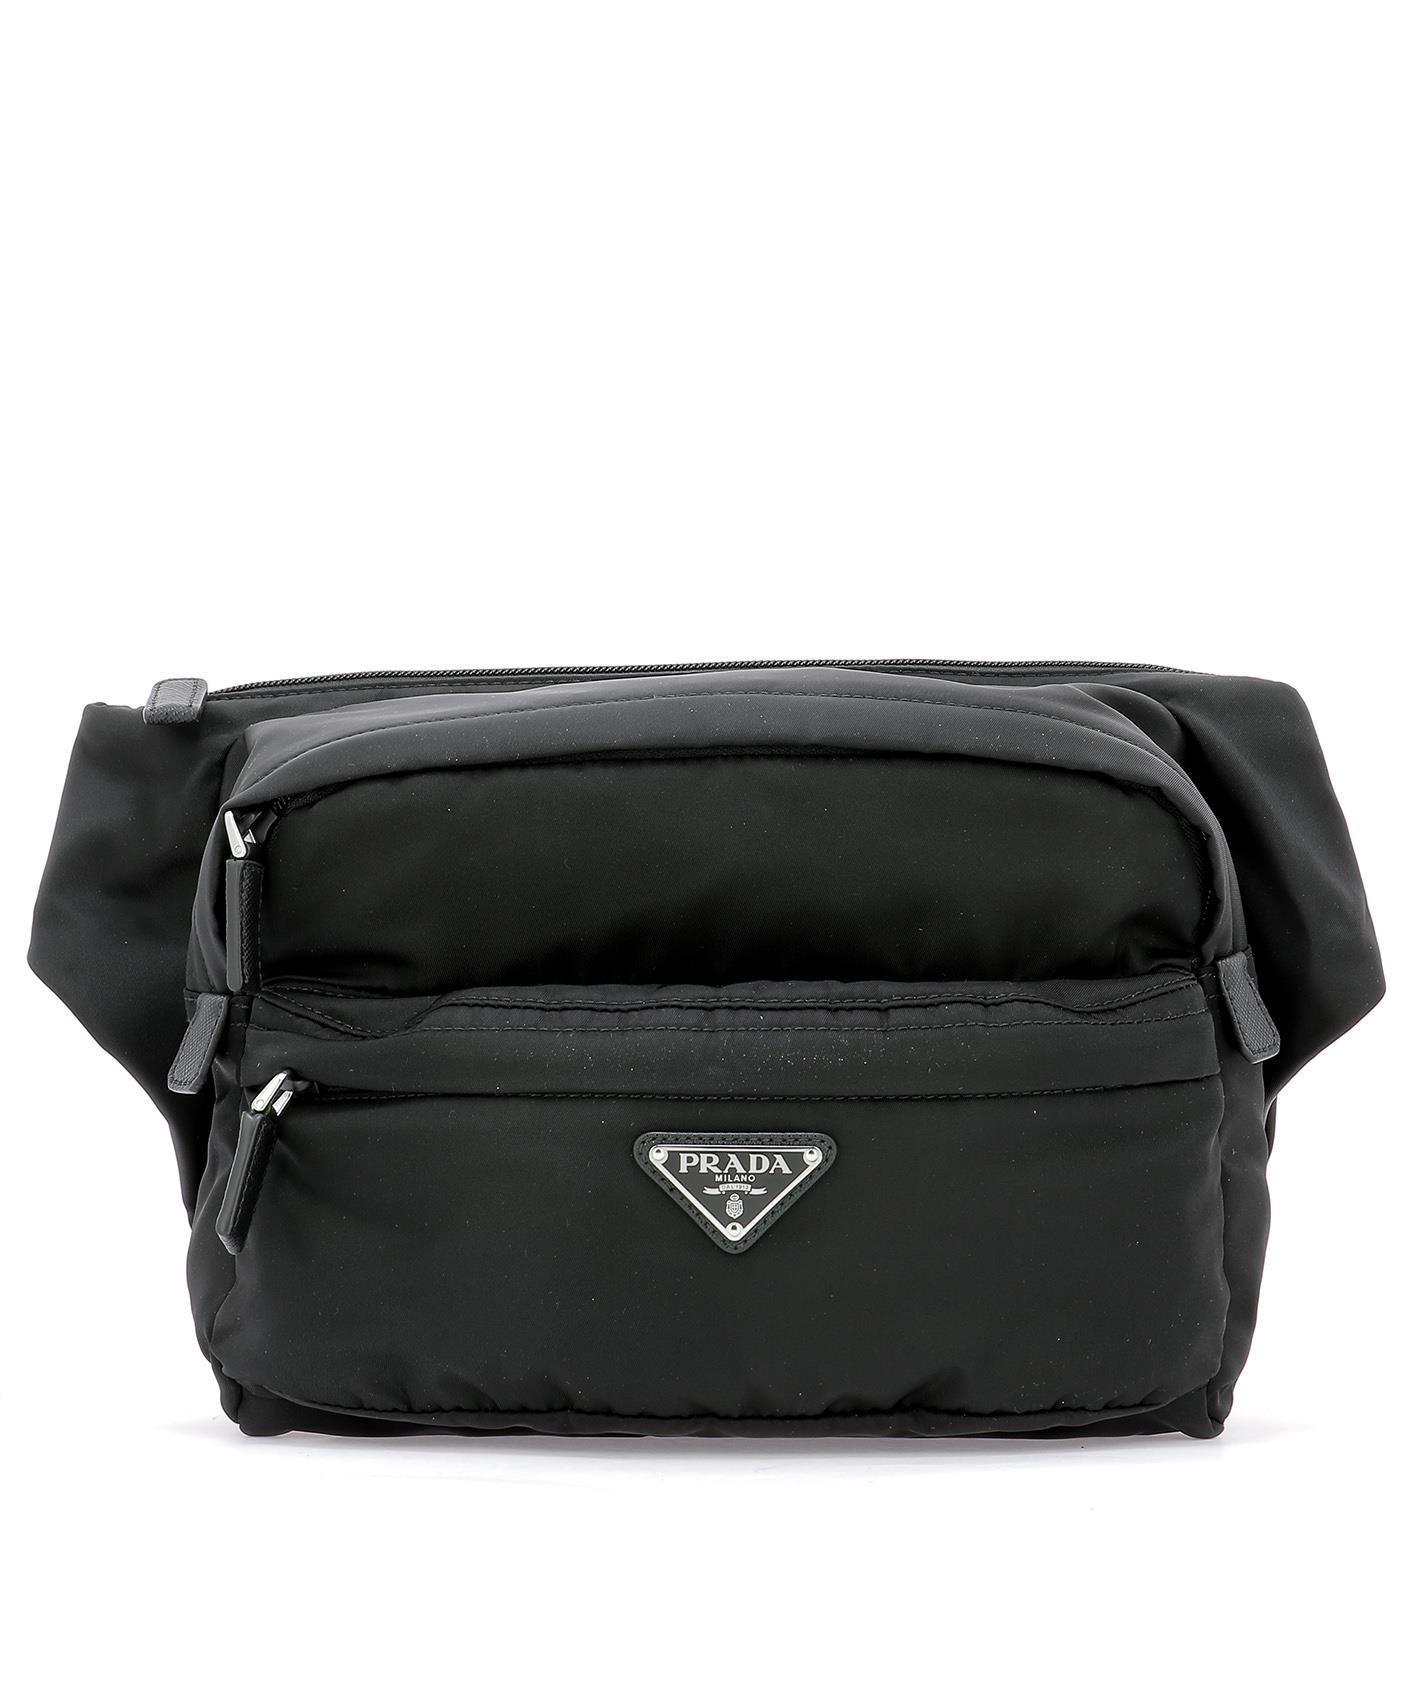 a385e53af813 PRADA PRADA LOGO PLAQUE WAIST BAG. #prada #bags #nylon | Prada ...